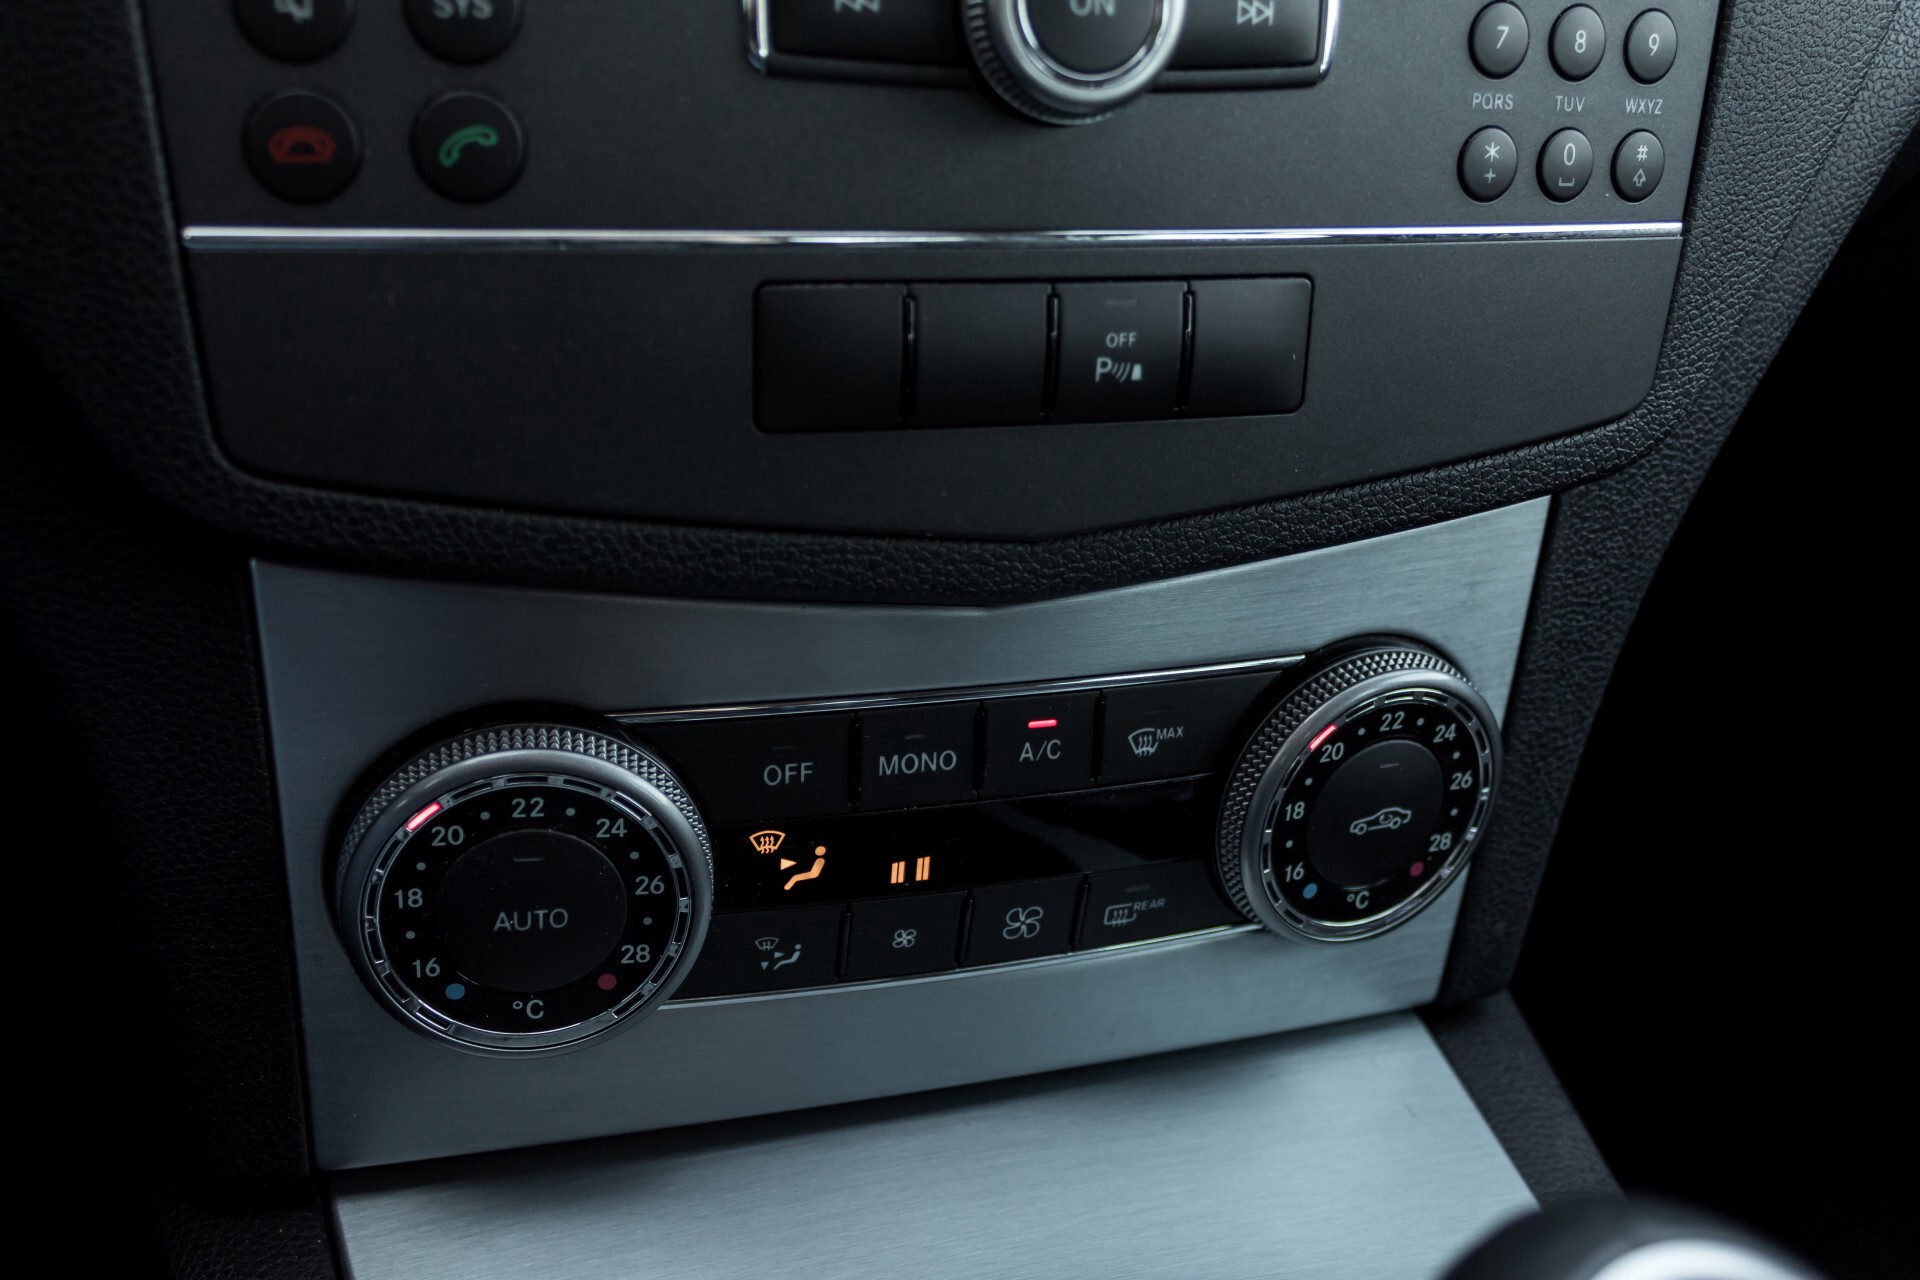 Mercedes-Benz C-Klasse 180 K Avantgarde 1ste eigenaar/NL geleverd/Dealer onderhouden/Volledig gedocumenteerd Foto 15